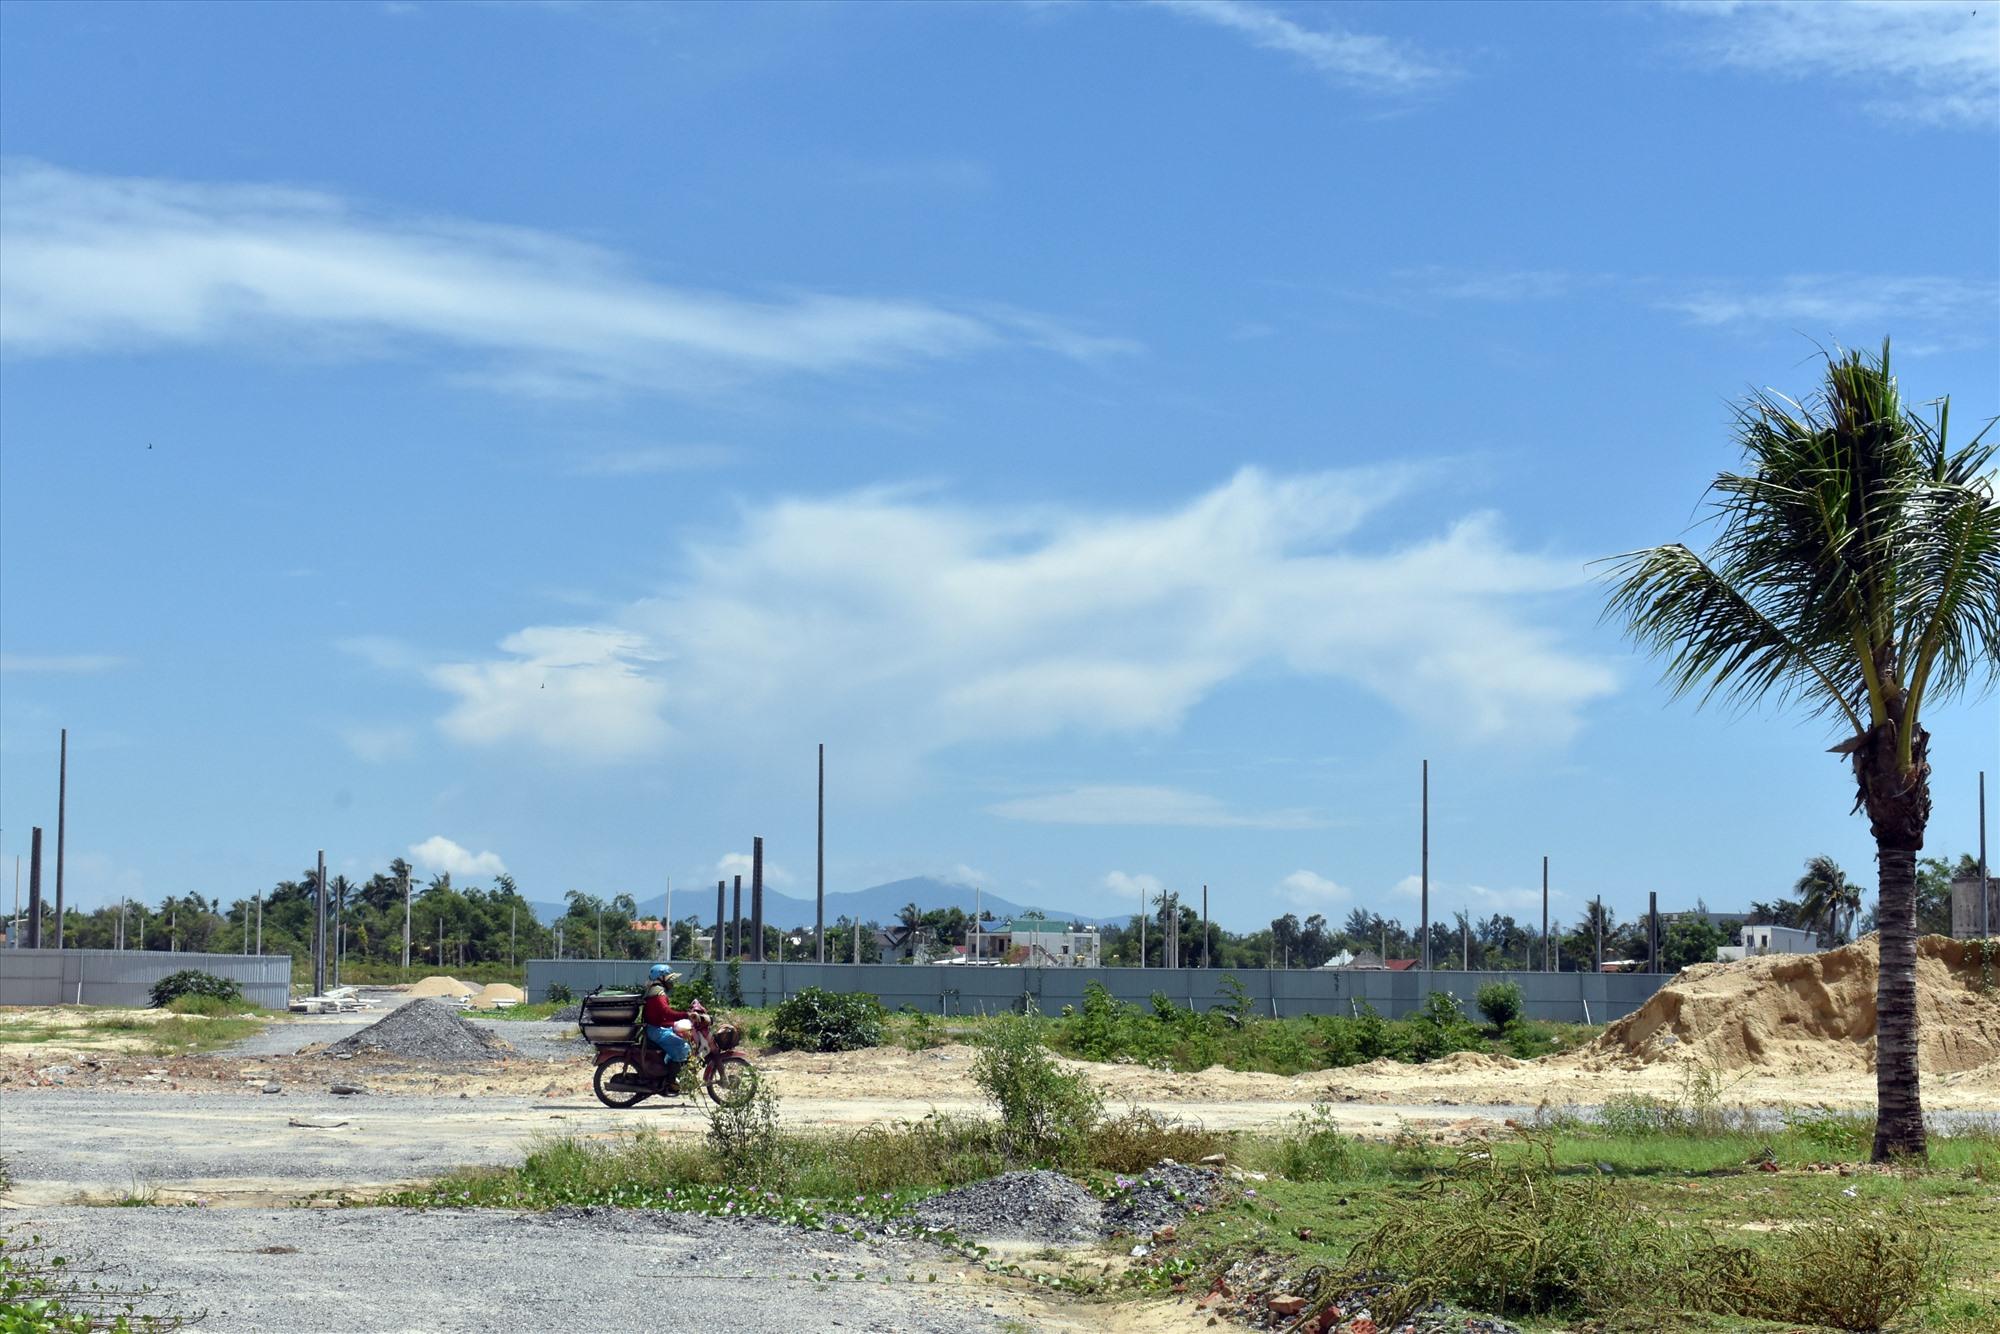 Dự án Khu đô thị Dương Hội đối diện dự án Khu phức hợp Hà My